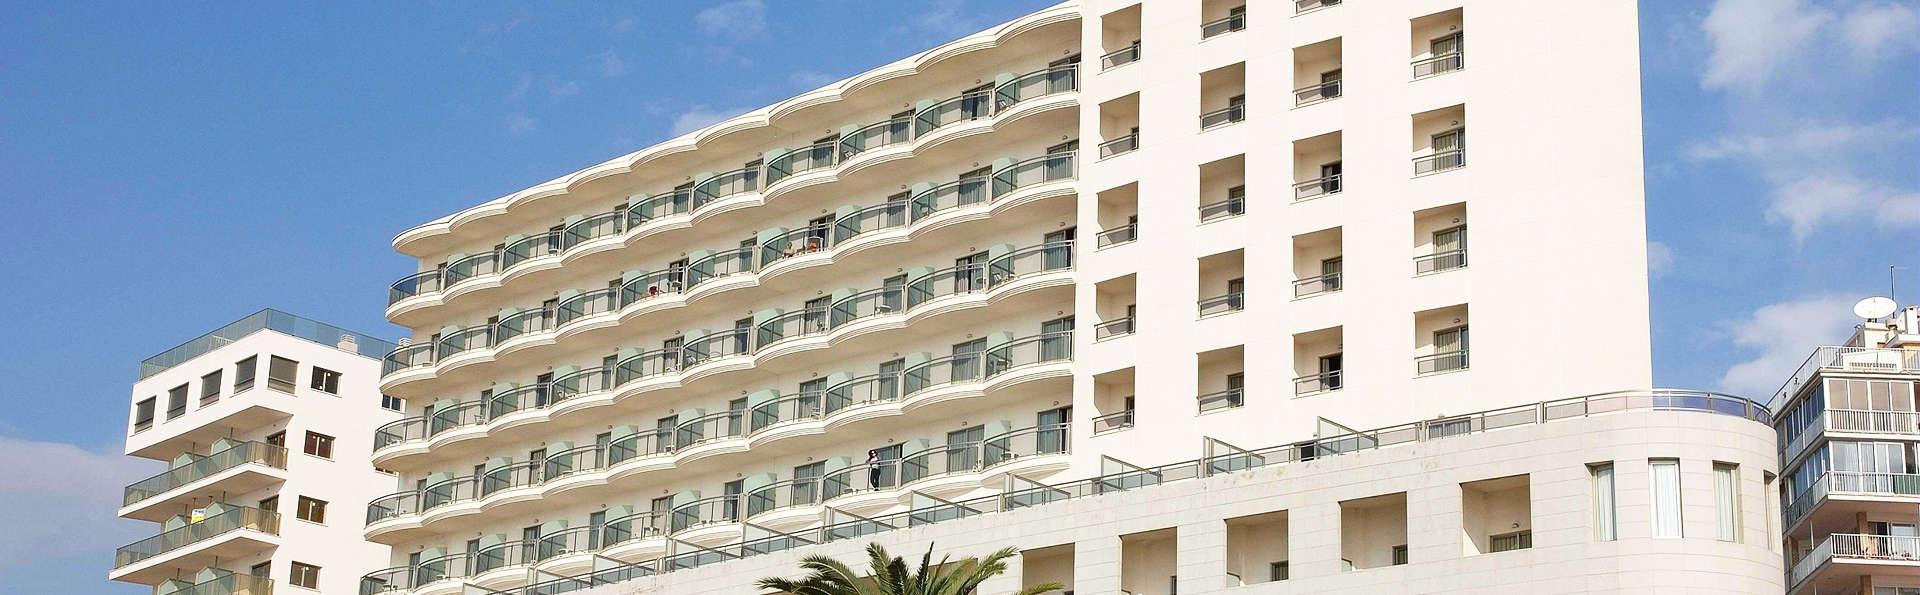 Hotel Bahía Calpe by Pierre & Vacances - edit_Fachada-Hotel.jpg